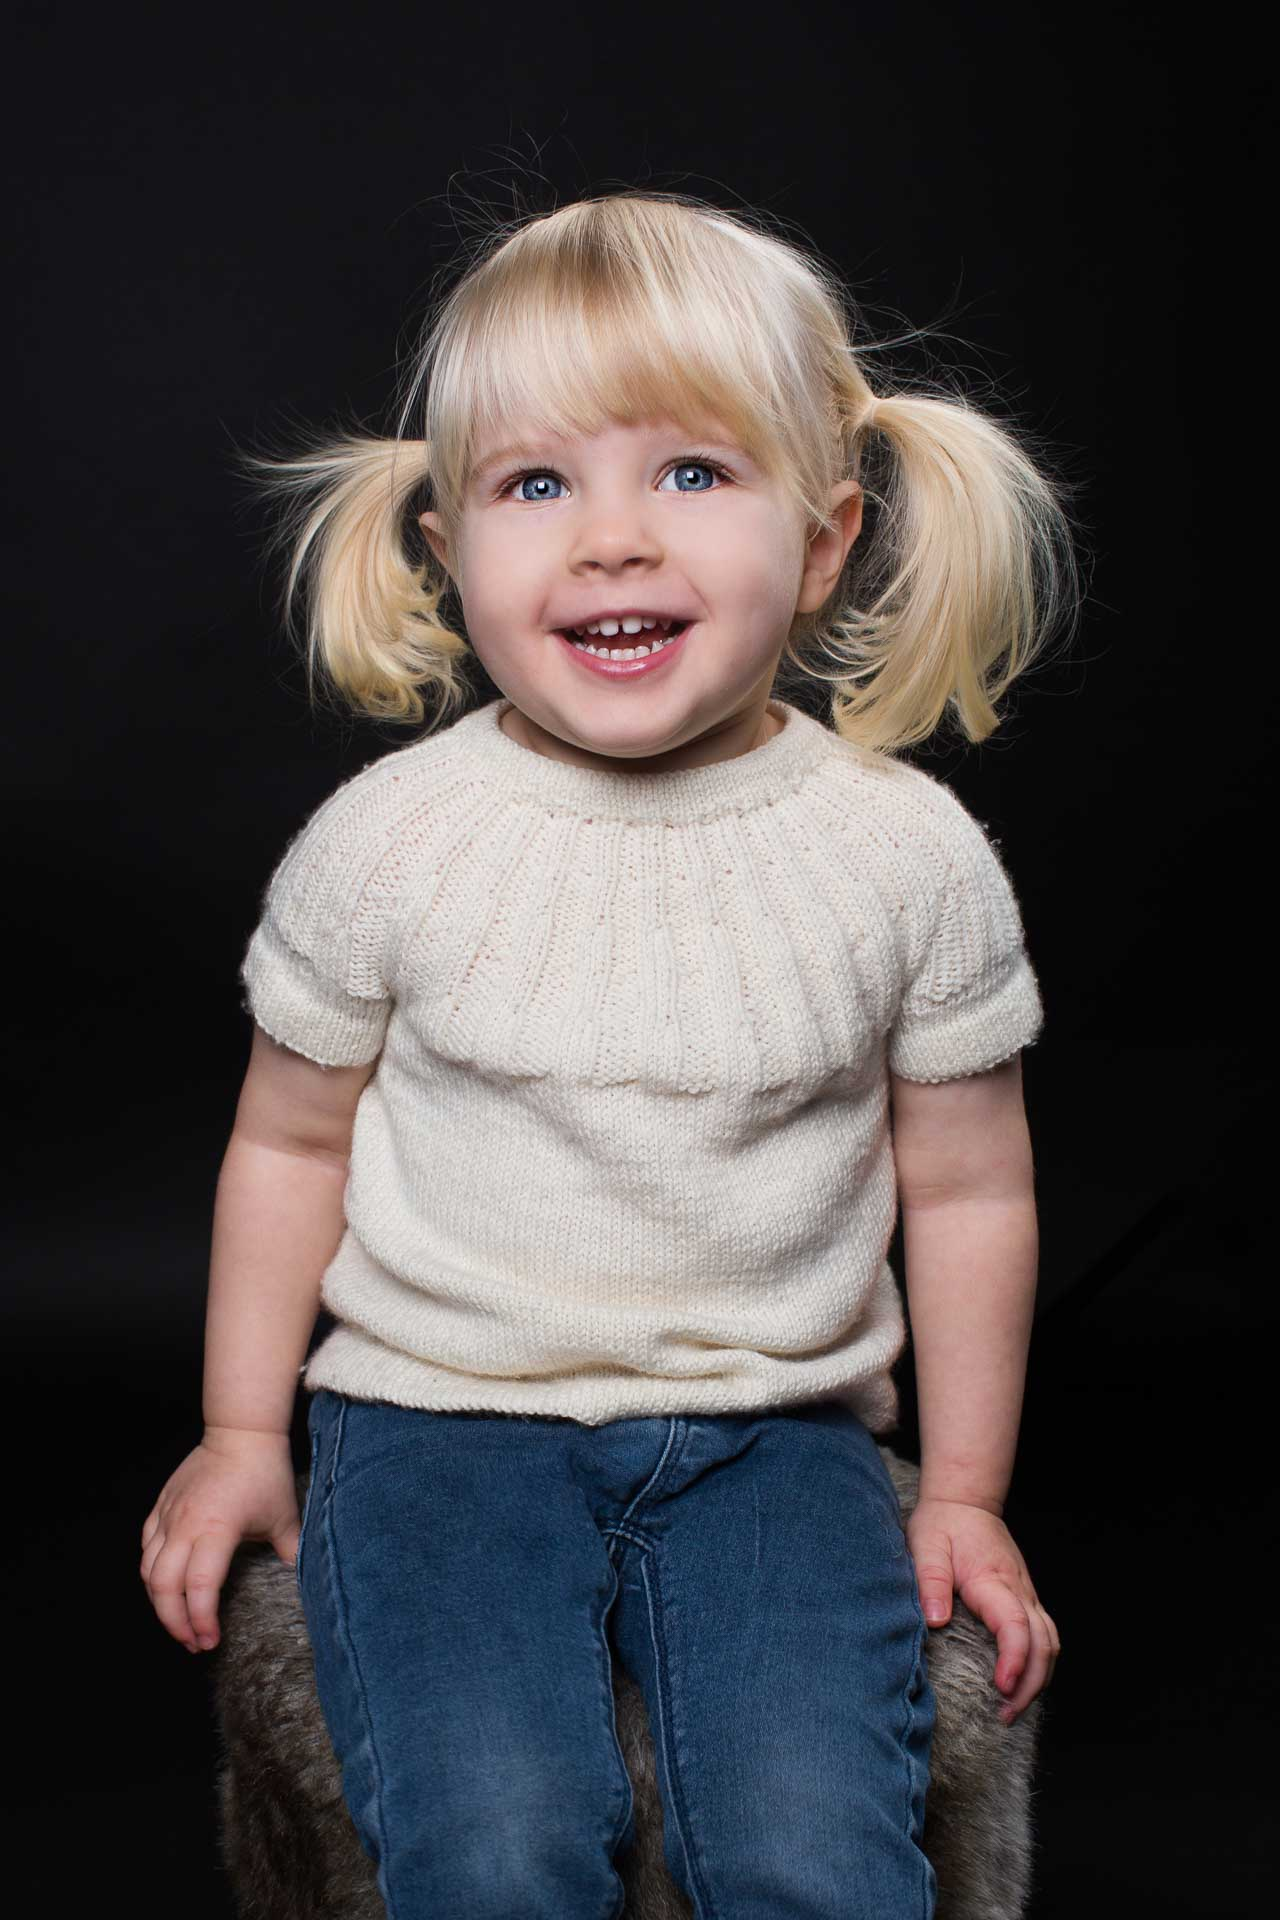 den kreative stil Børnefotografering